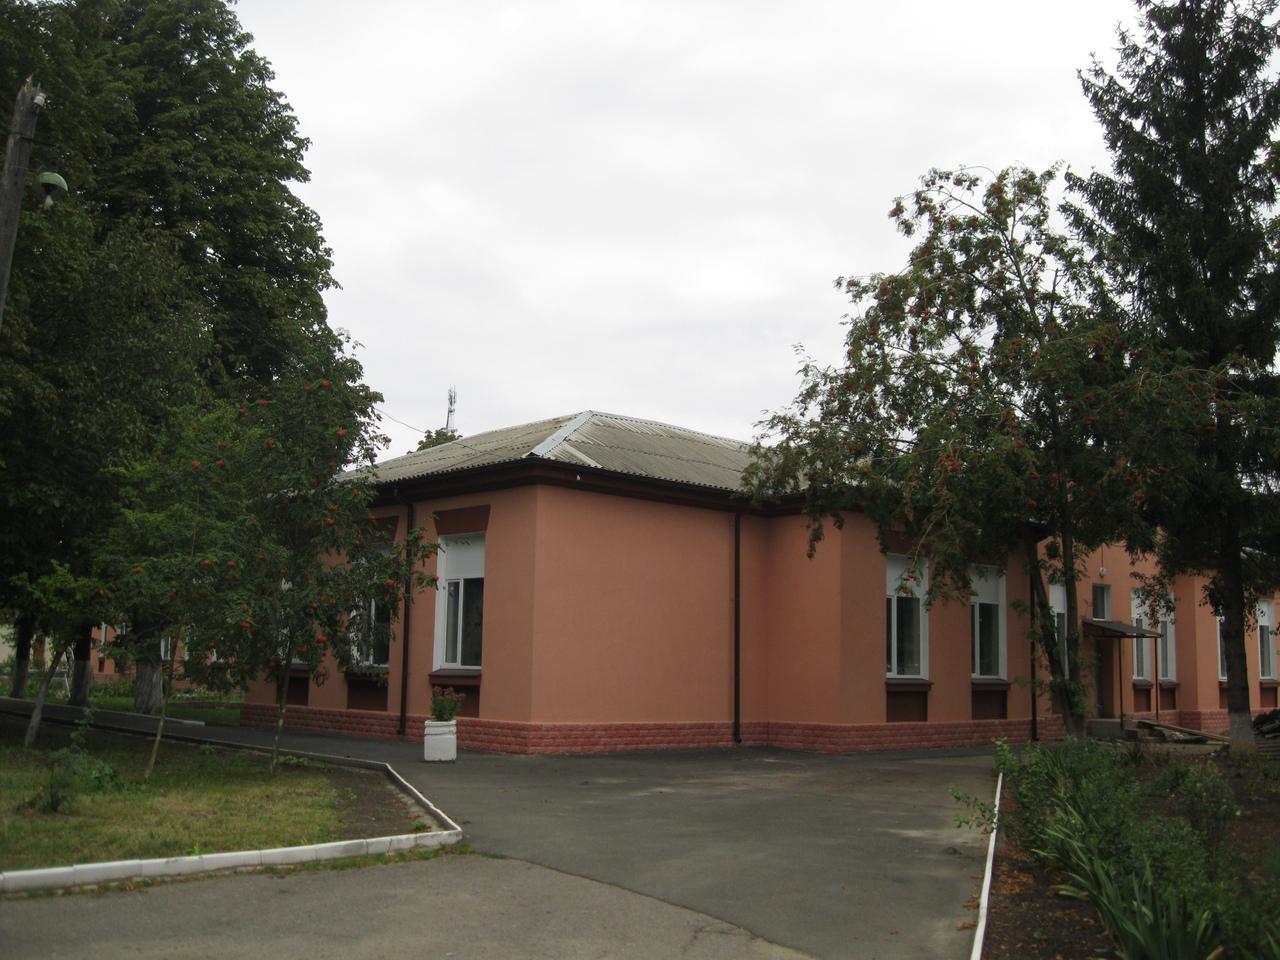 Дома престарелых одесская область сценарии на день пожилого человека в доме престарелых